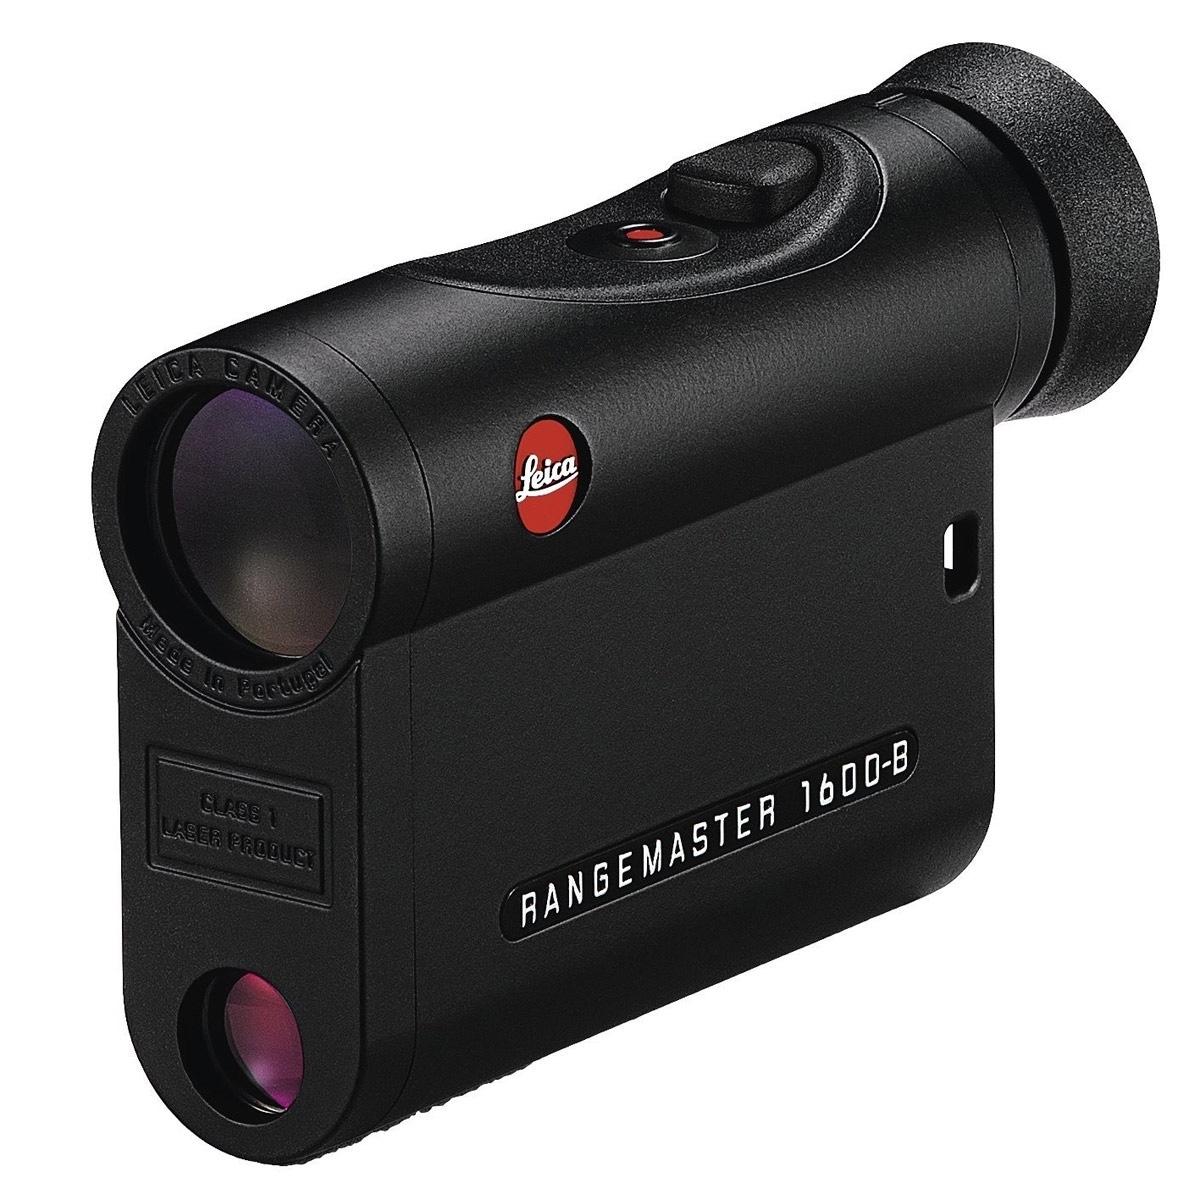 Image of Leica Rangemaster CRF 1600-B Rangefinder